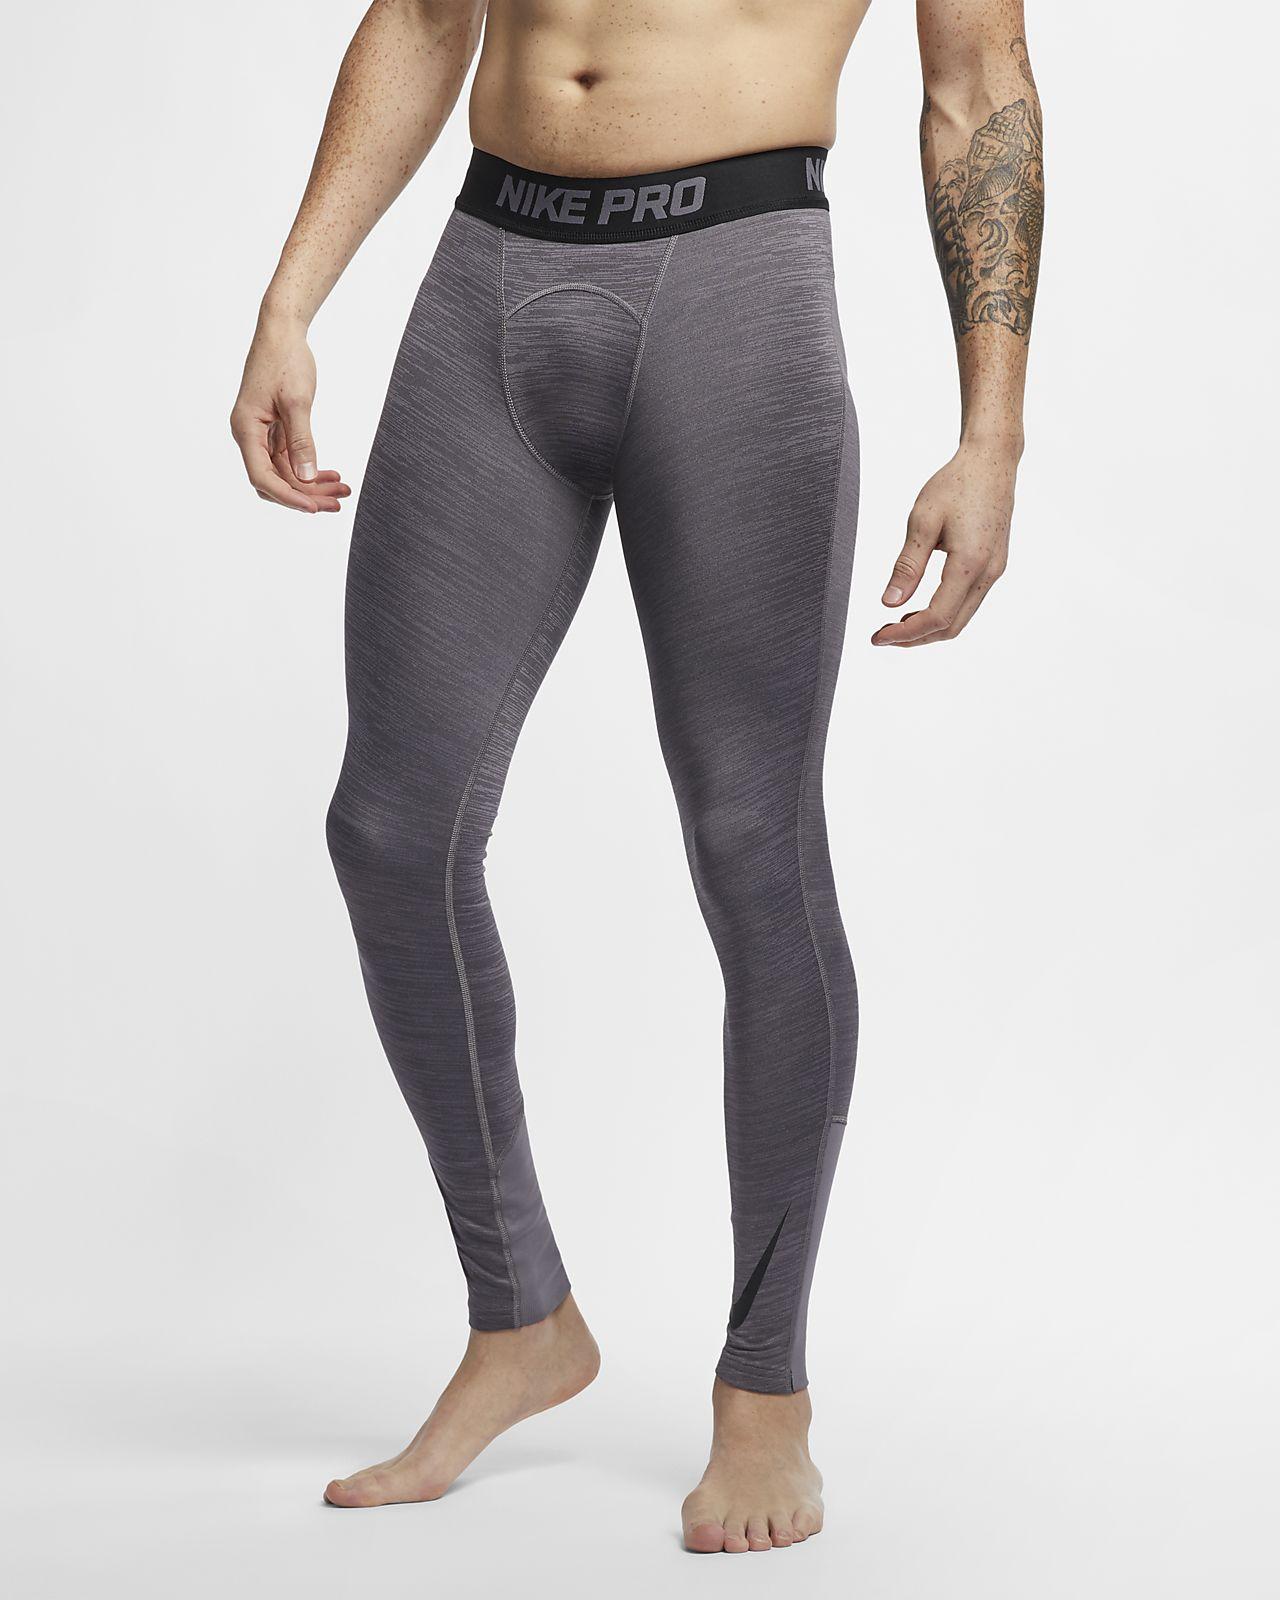 7dfbb95d59 Nike Pro Dri-FIT Therma Men's Tights. Nike.com